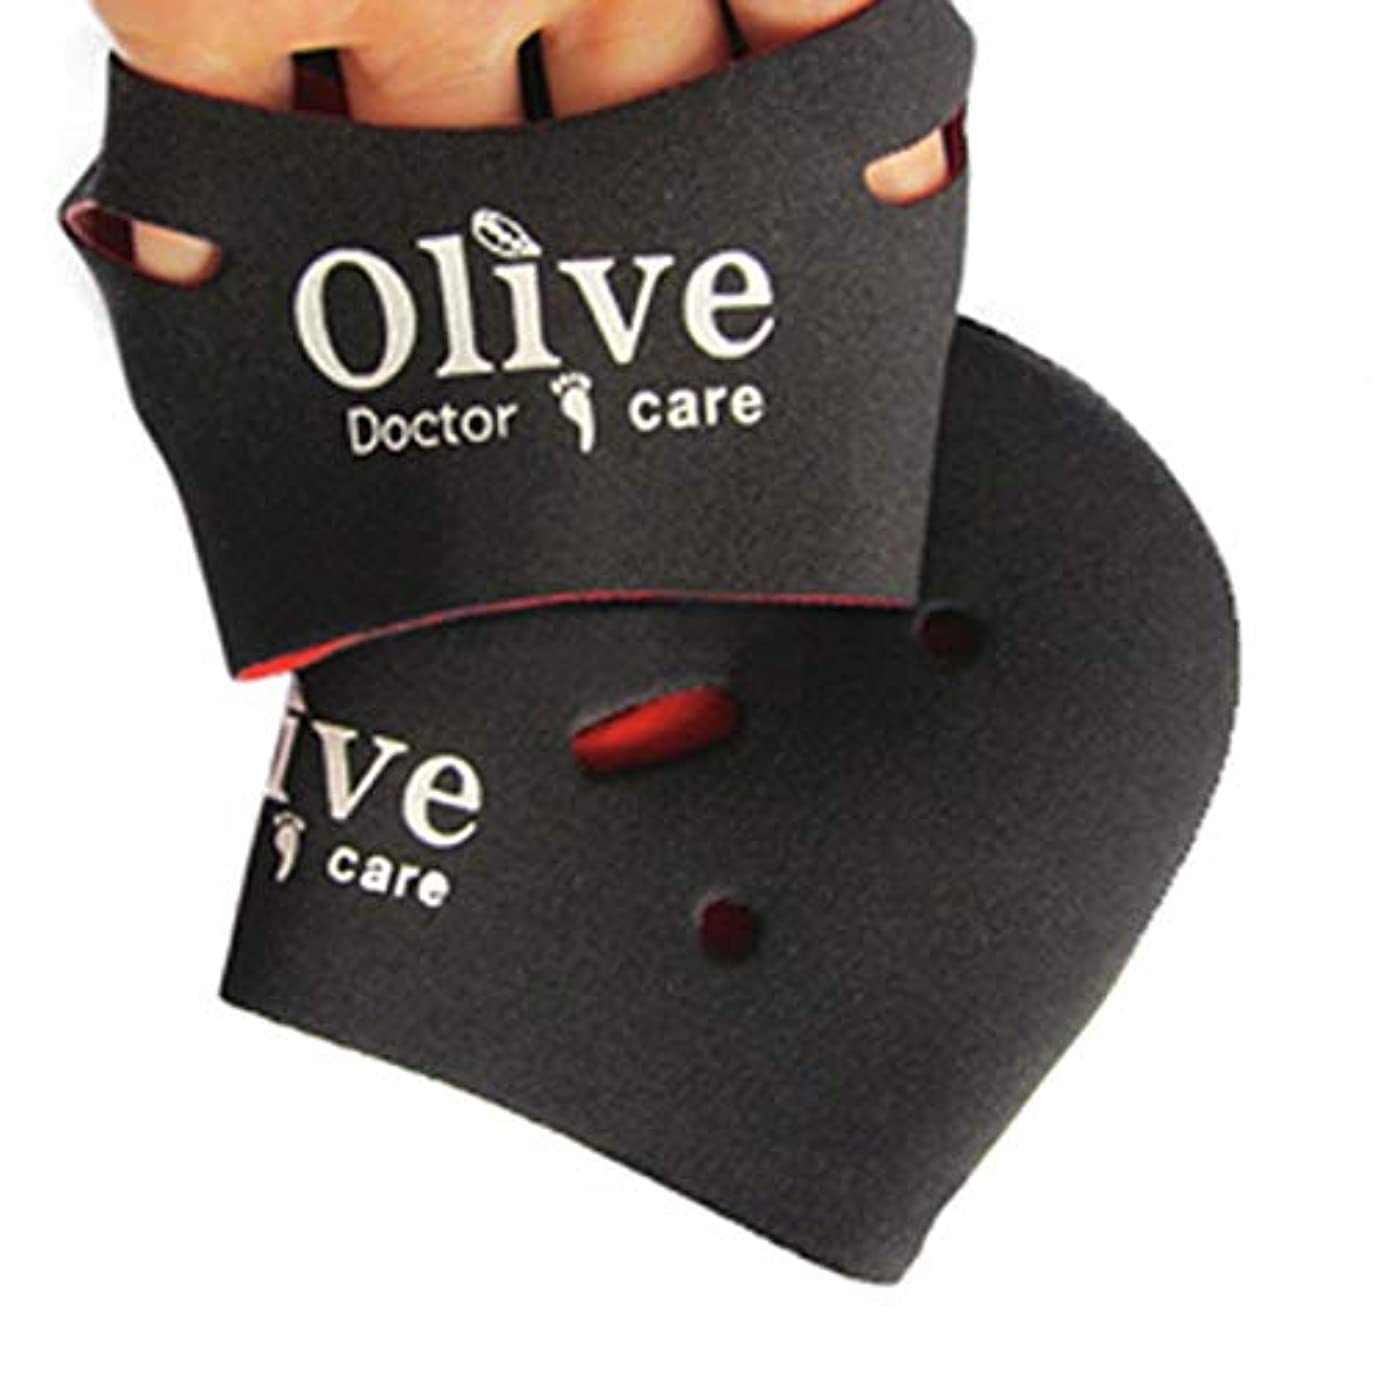 レパートリー誇大妄想ビクター[NICE-SHOP]かかとケア靴下 Olive Doctor Care